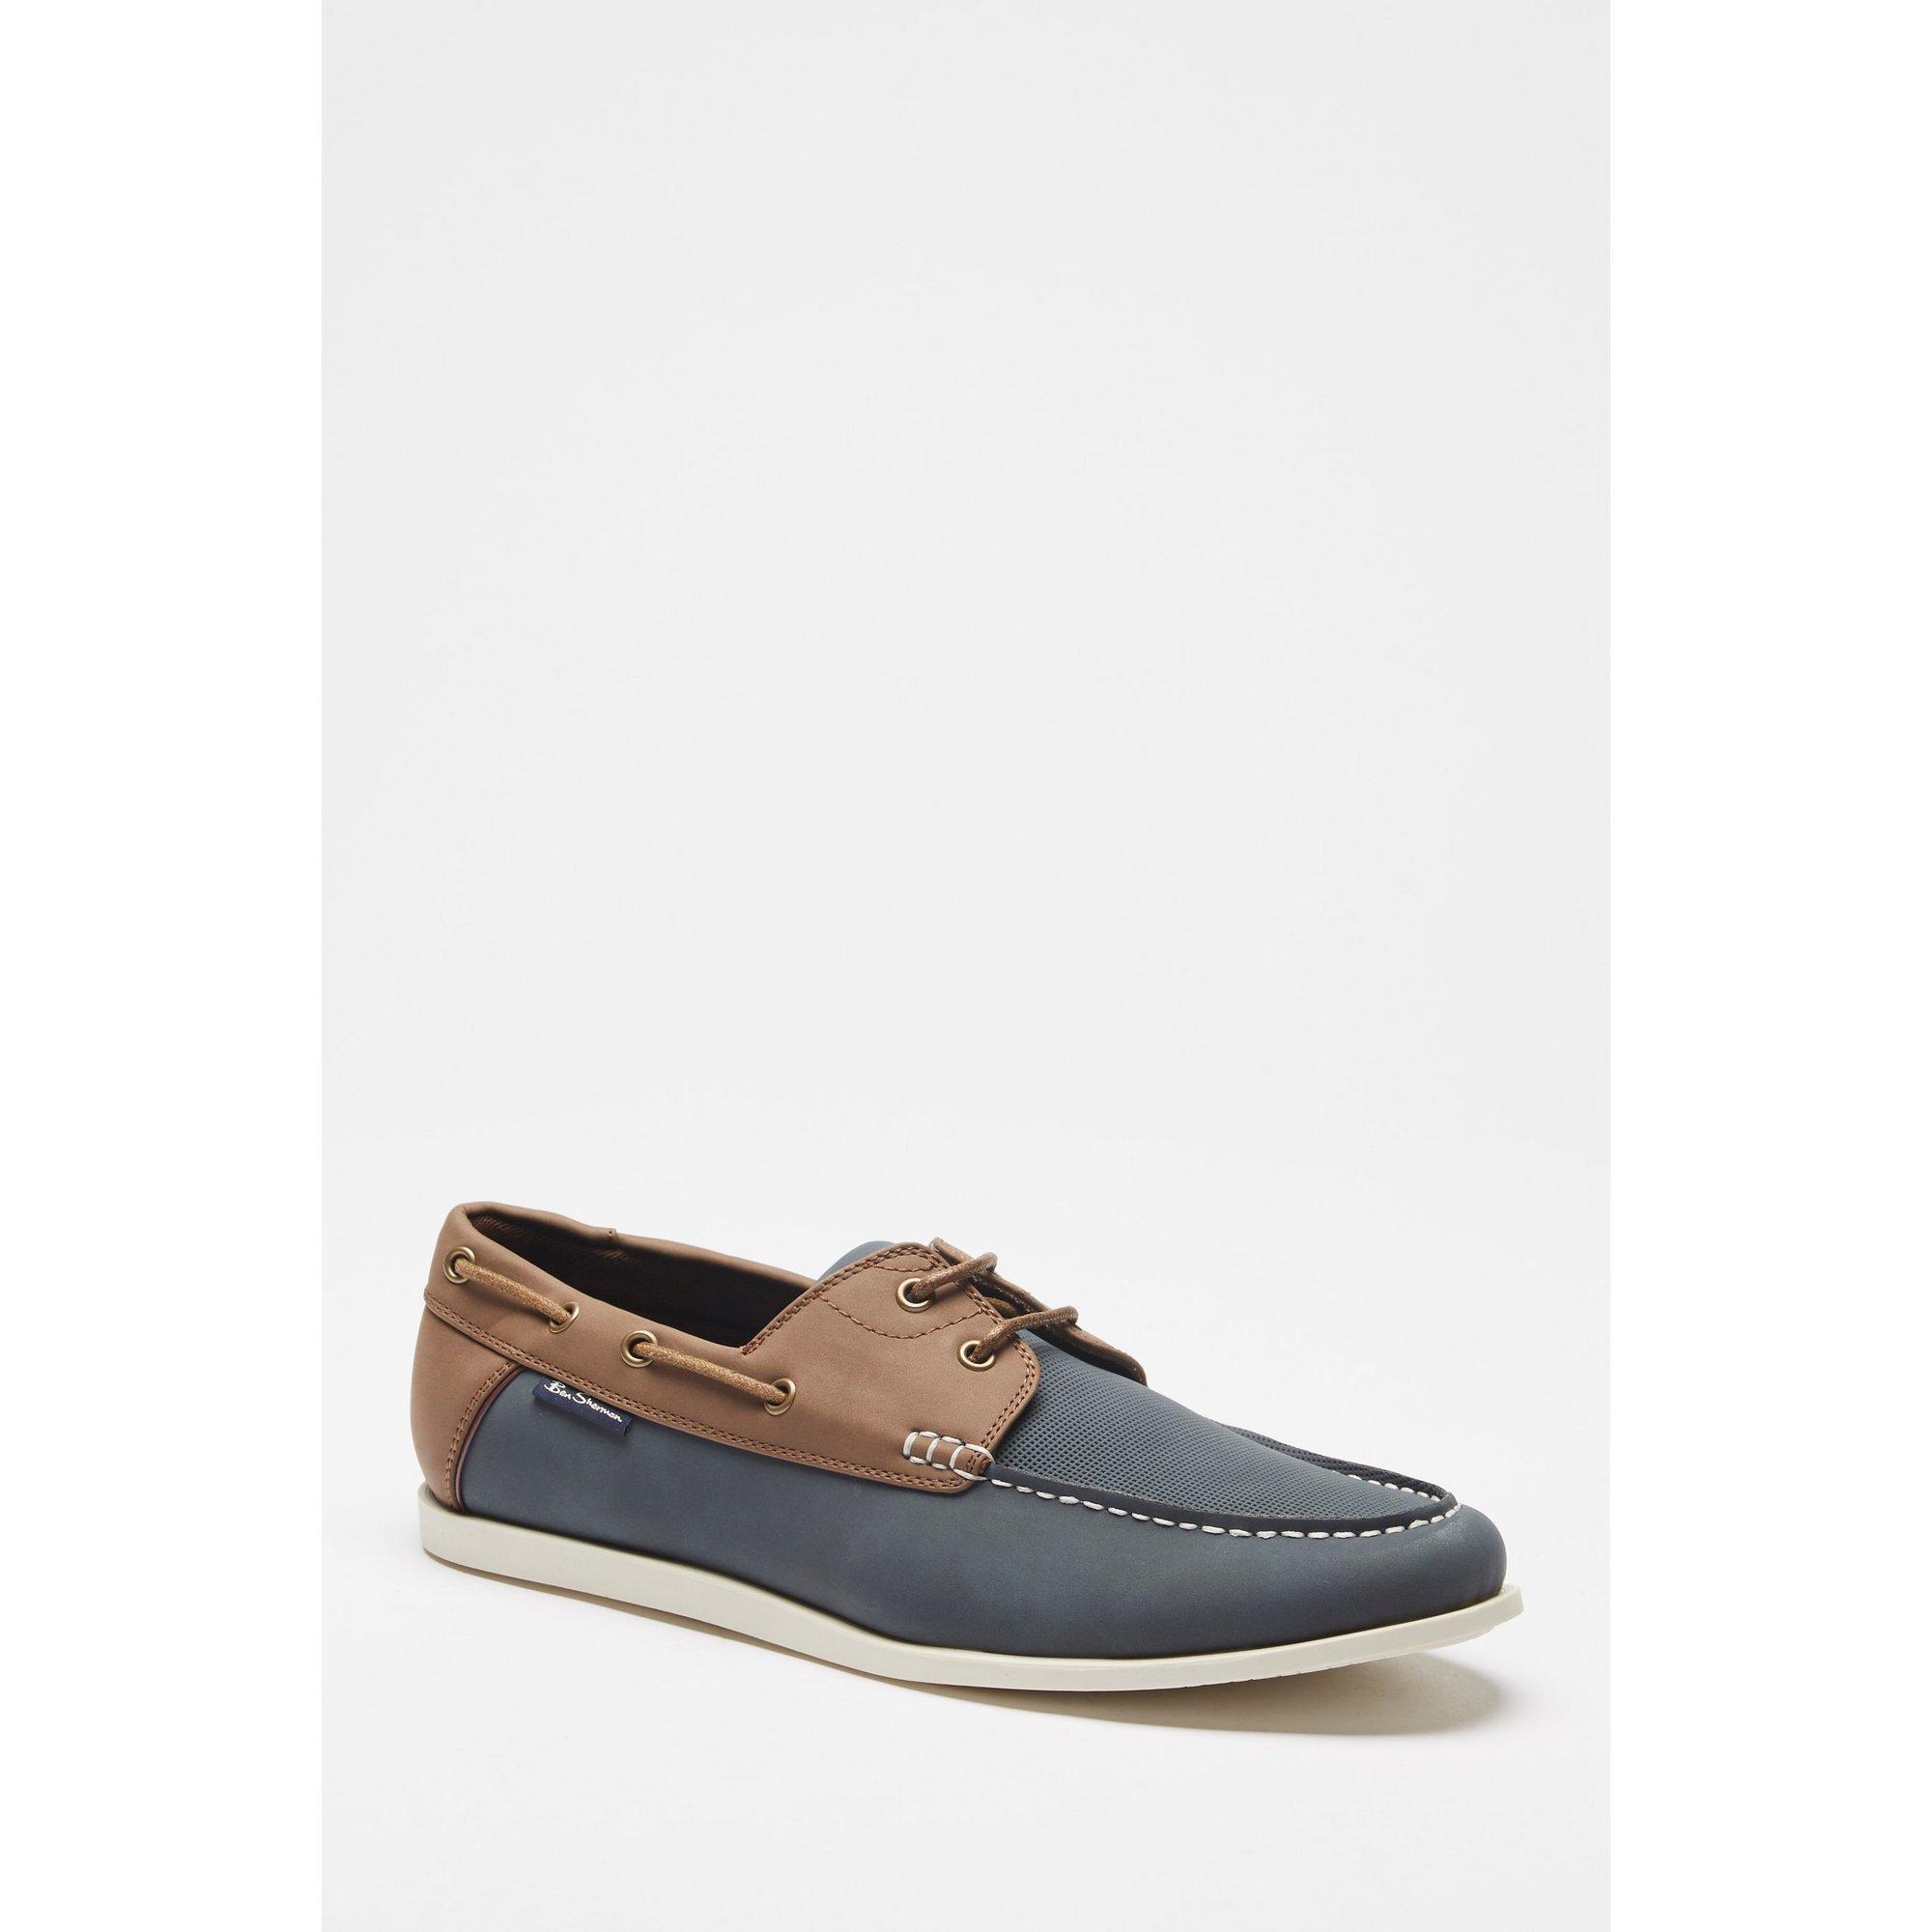 Image of Ben Sherman Ocean Deck Navy Shoes